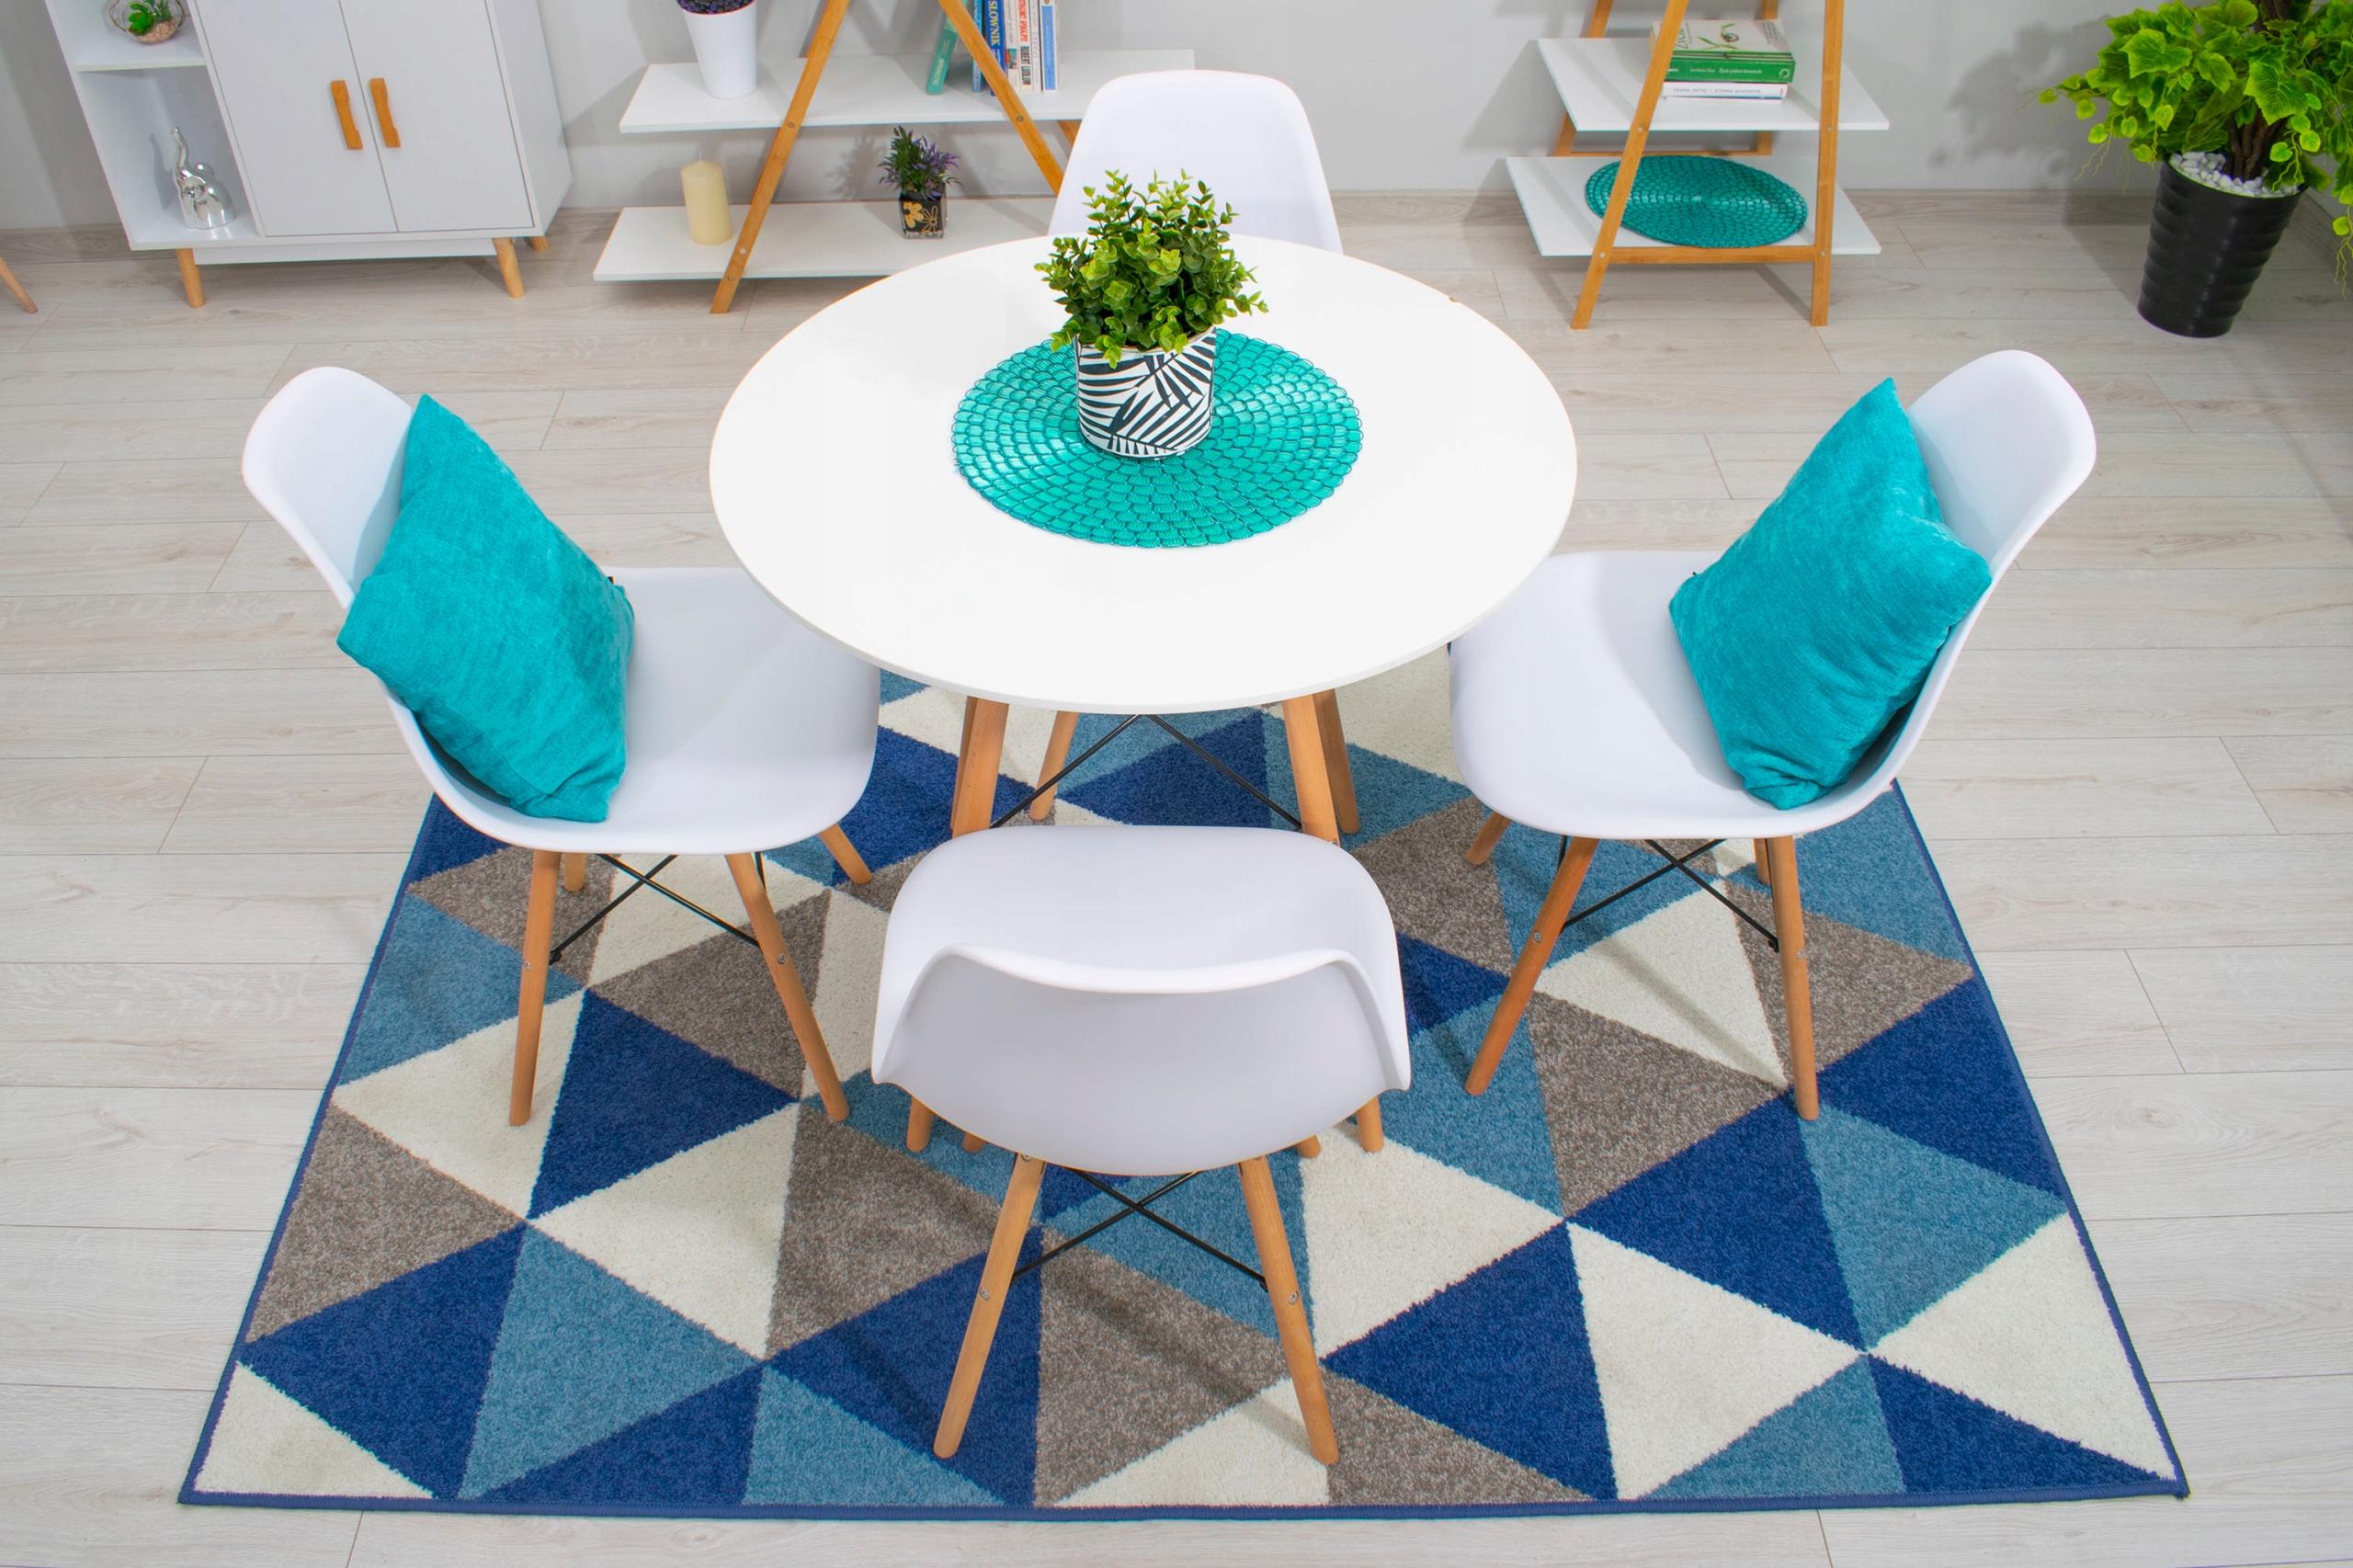 Stół + 4 Krzesła Nowoczesny Skandynawski Styl DSW Liczba krzeseł w zestawie 4